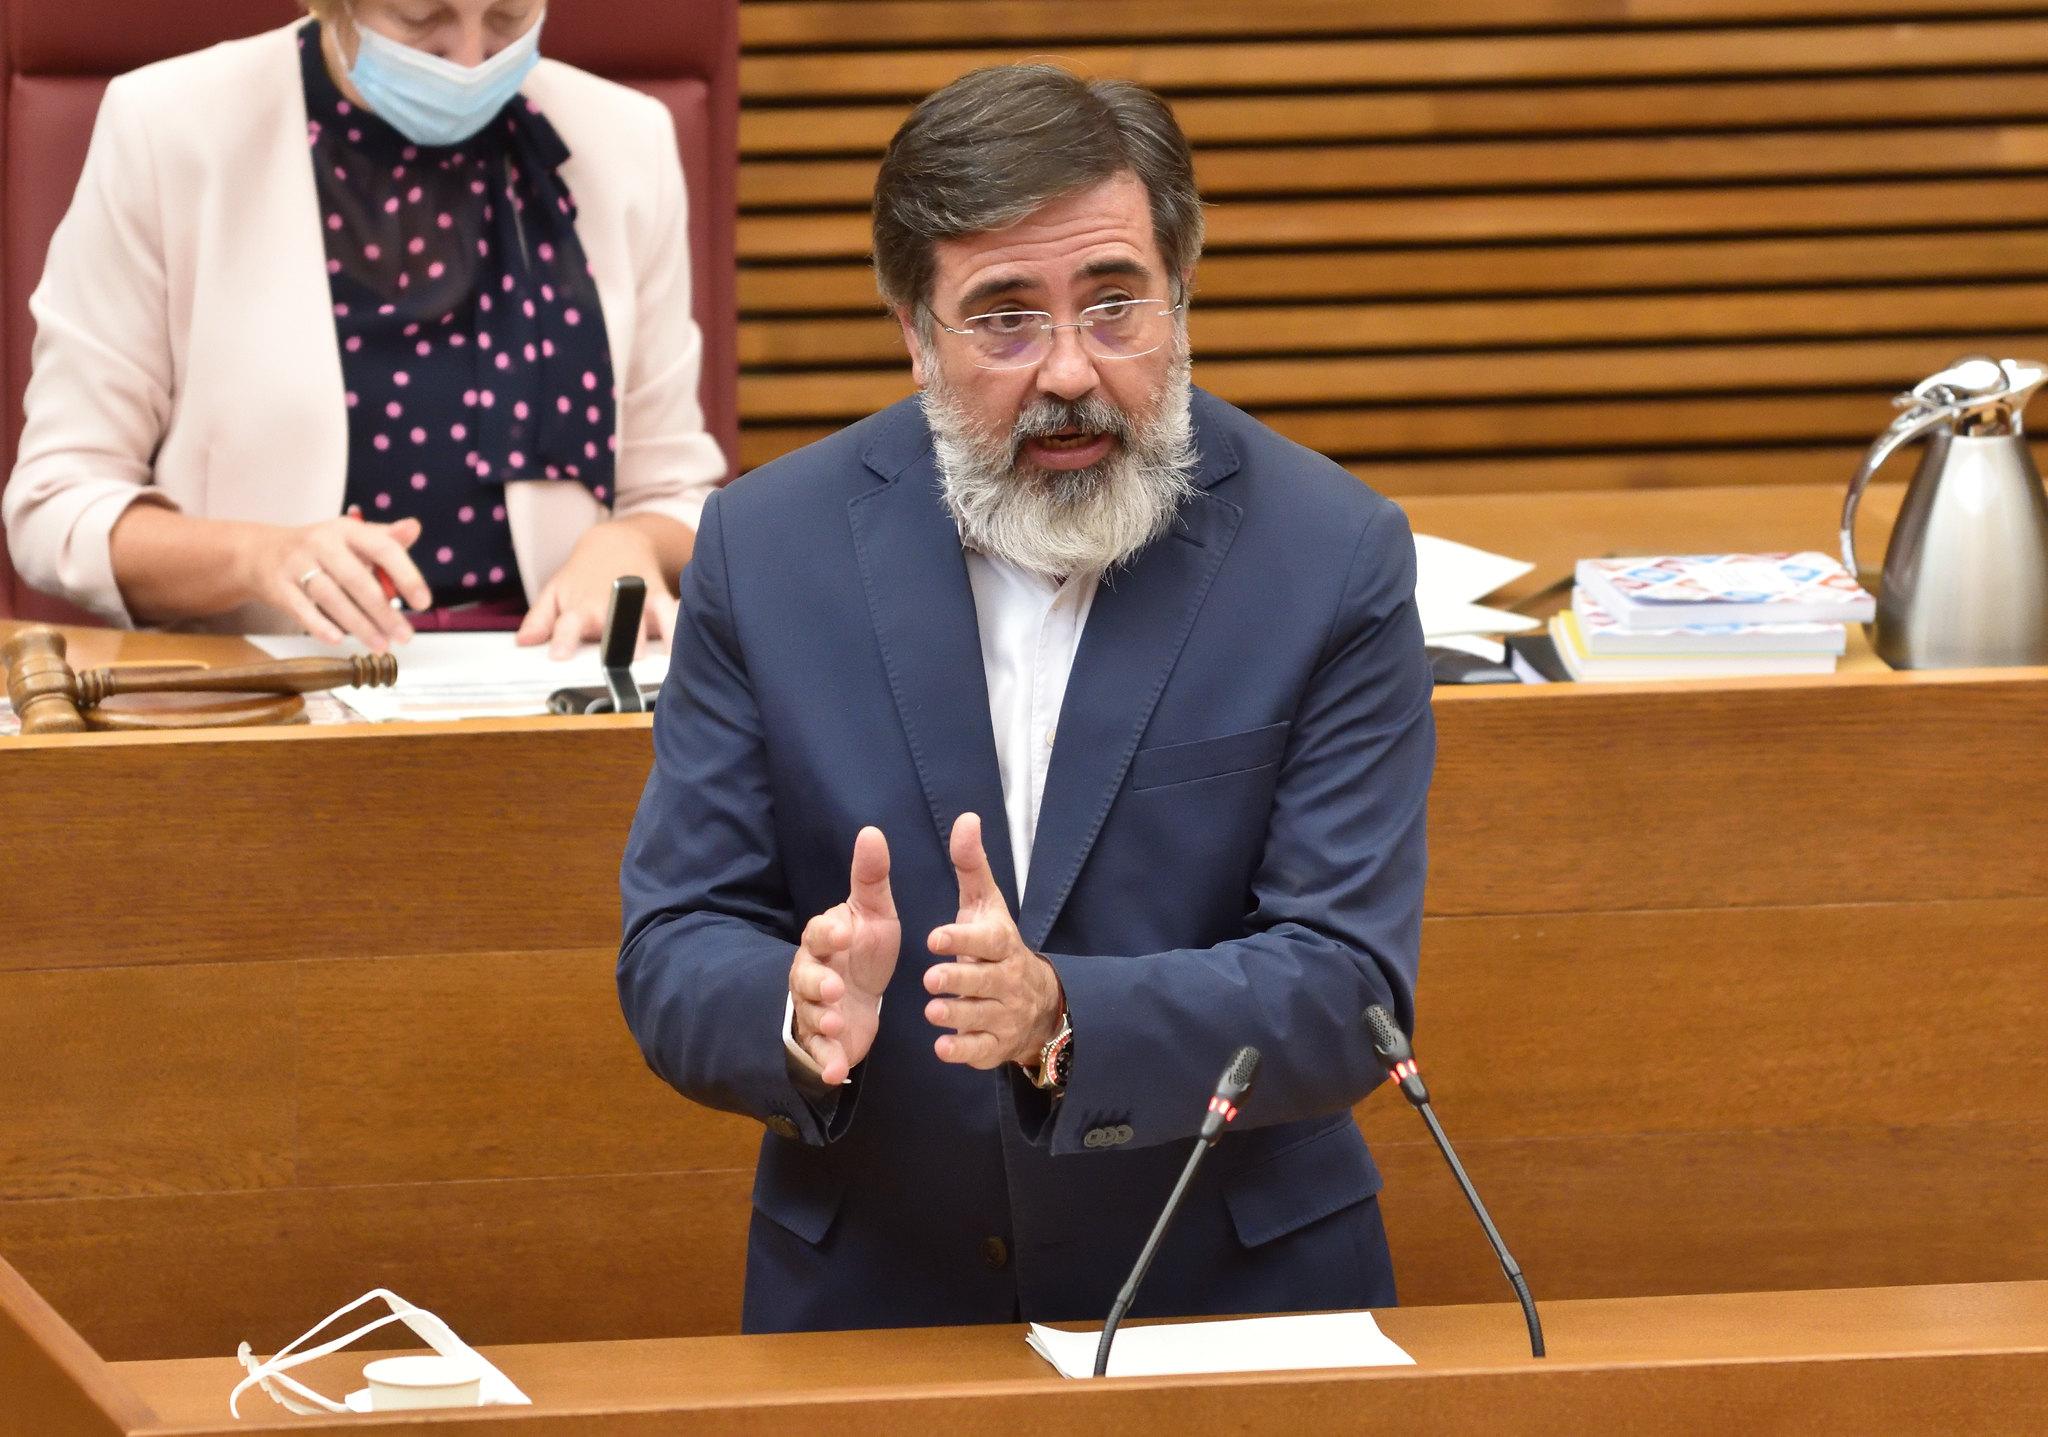 """Castelló (PPCV): """"La rectificación de Dalmau demuestra que la ley de tanteo y retracto es una gran chapuza como advertimos"""""""